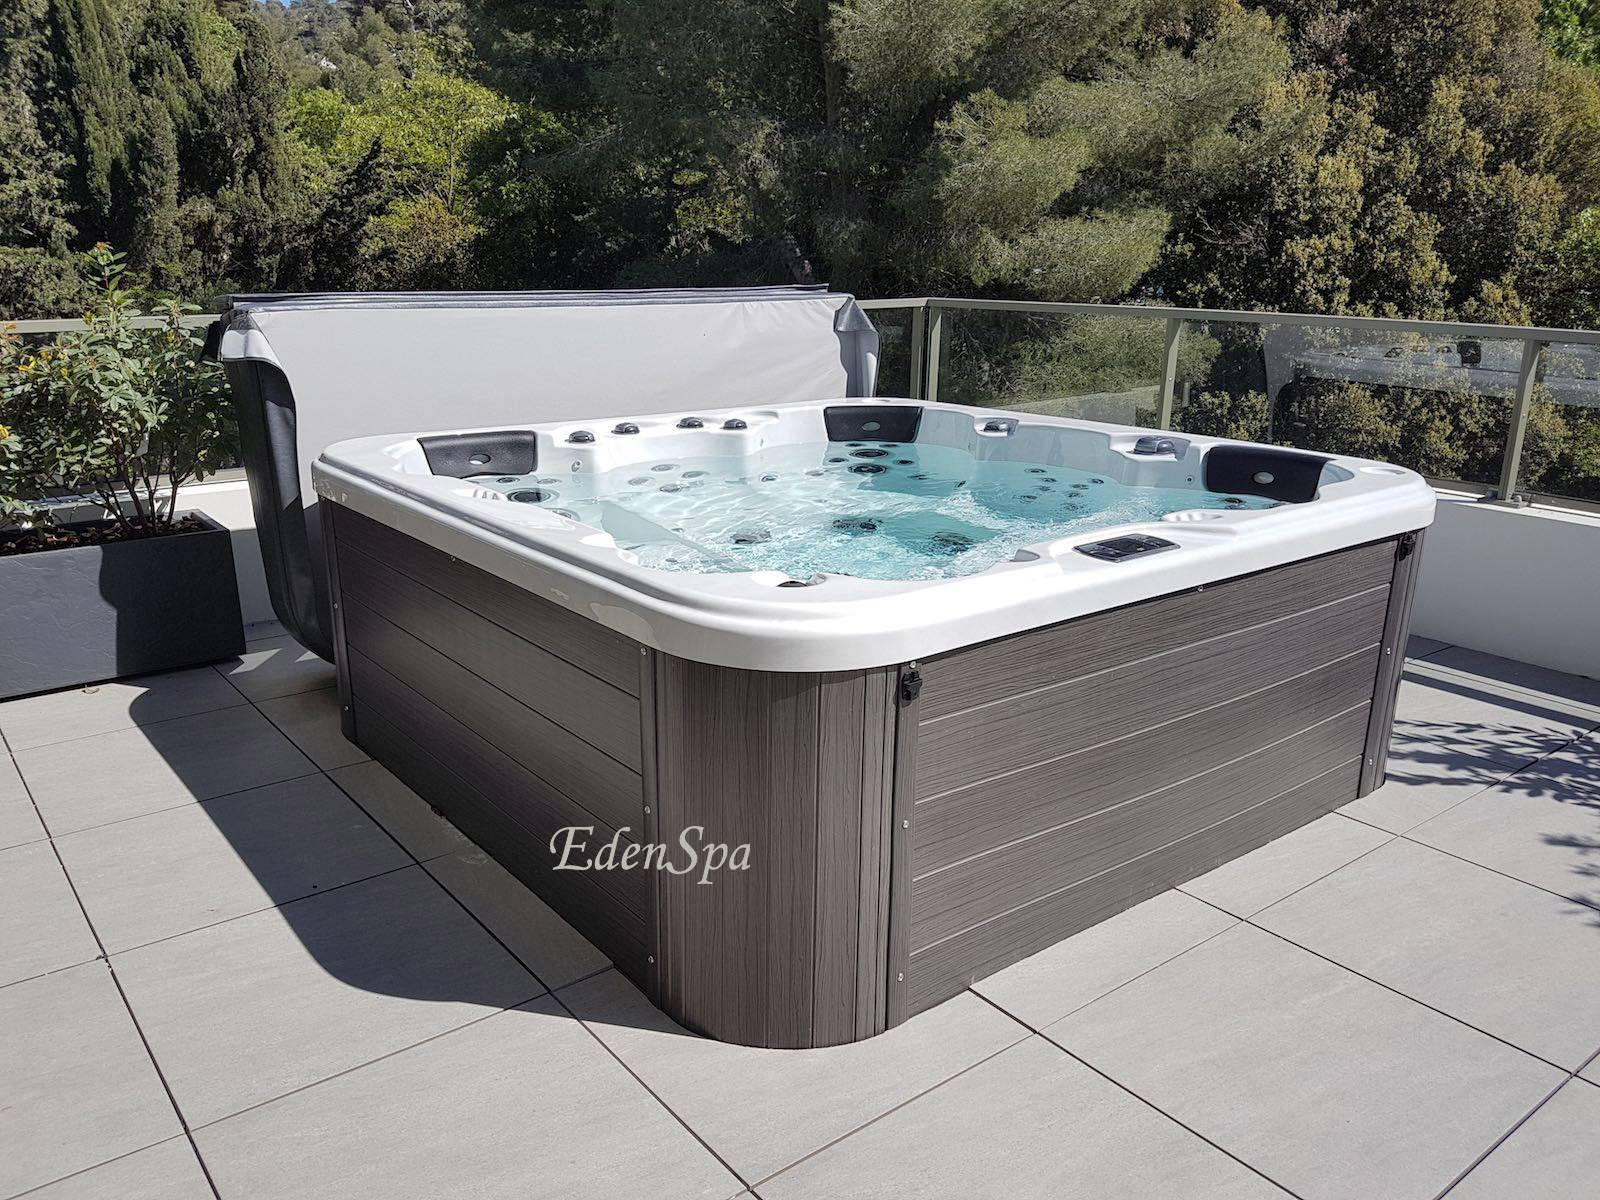 Un spa 5 places sur un toit terrasse modèle O575 à